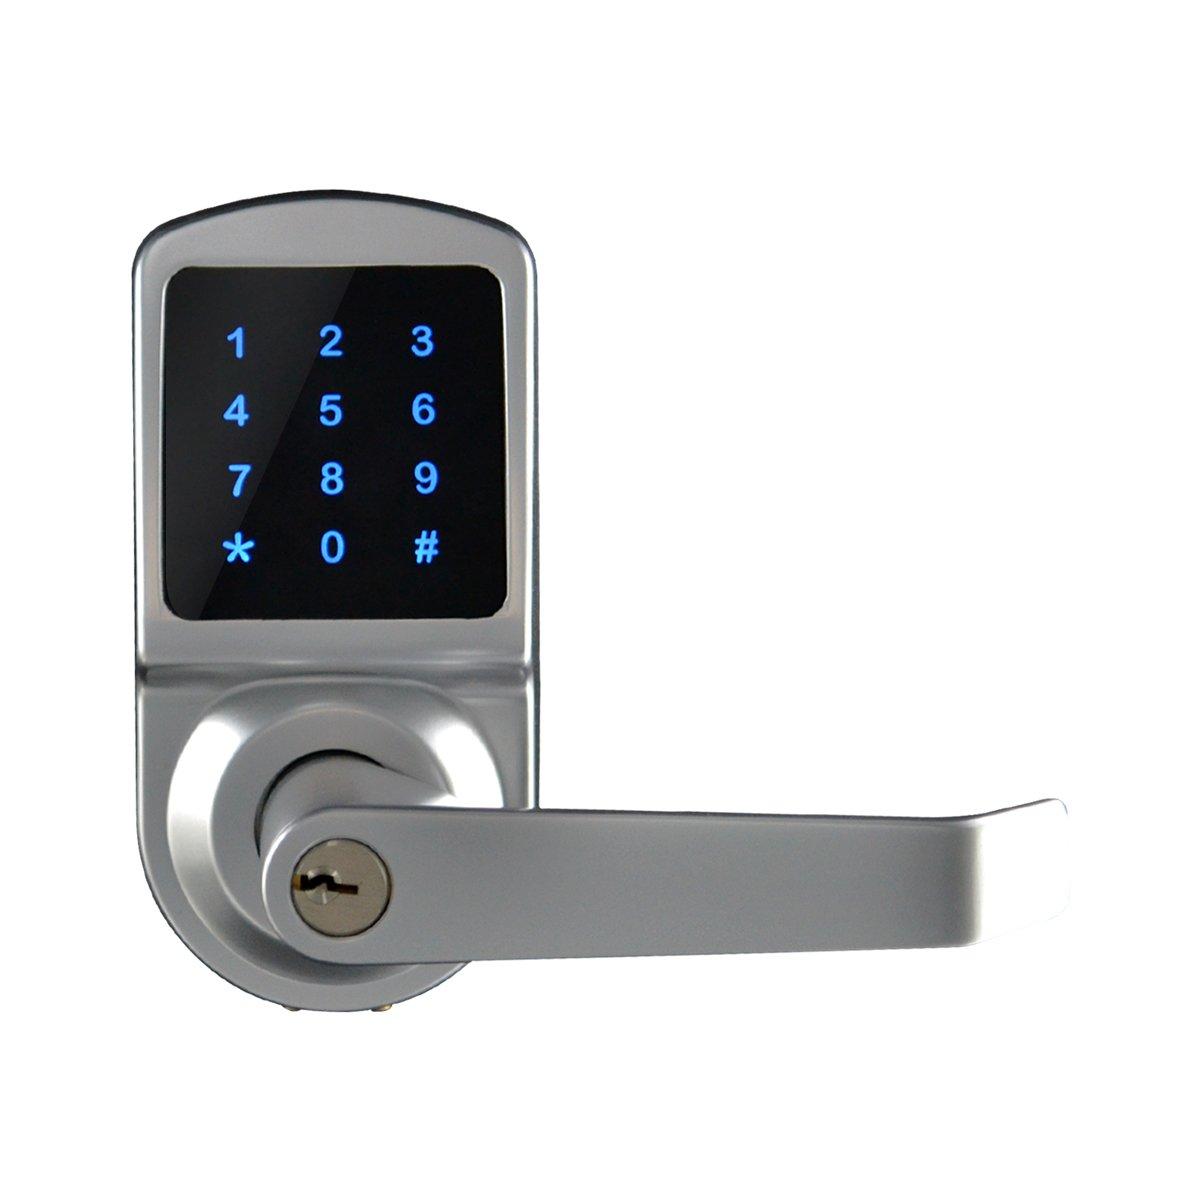 SCYAN X3 Touchscreen Keyless Keypad Door Lock, Satin Chrome, Non Handed